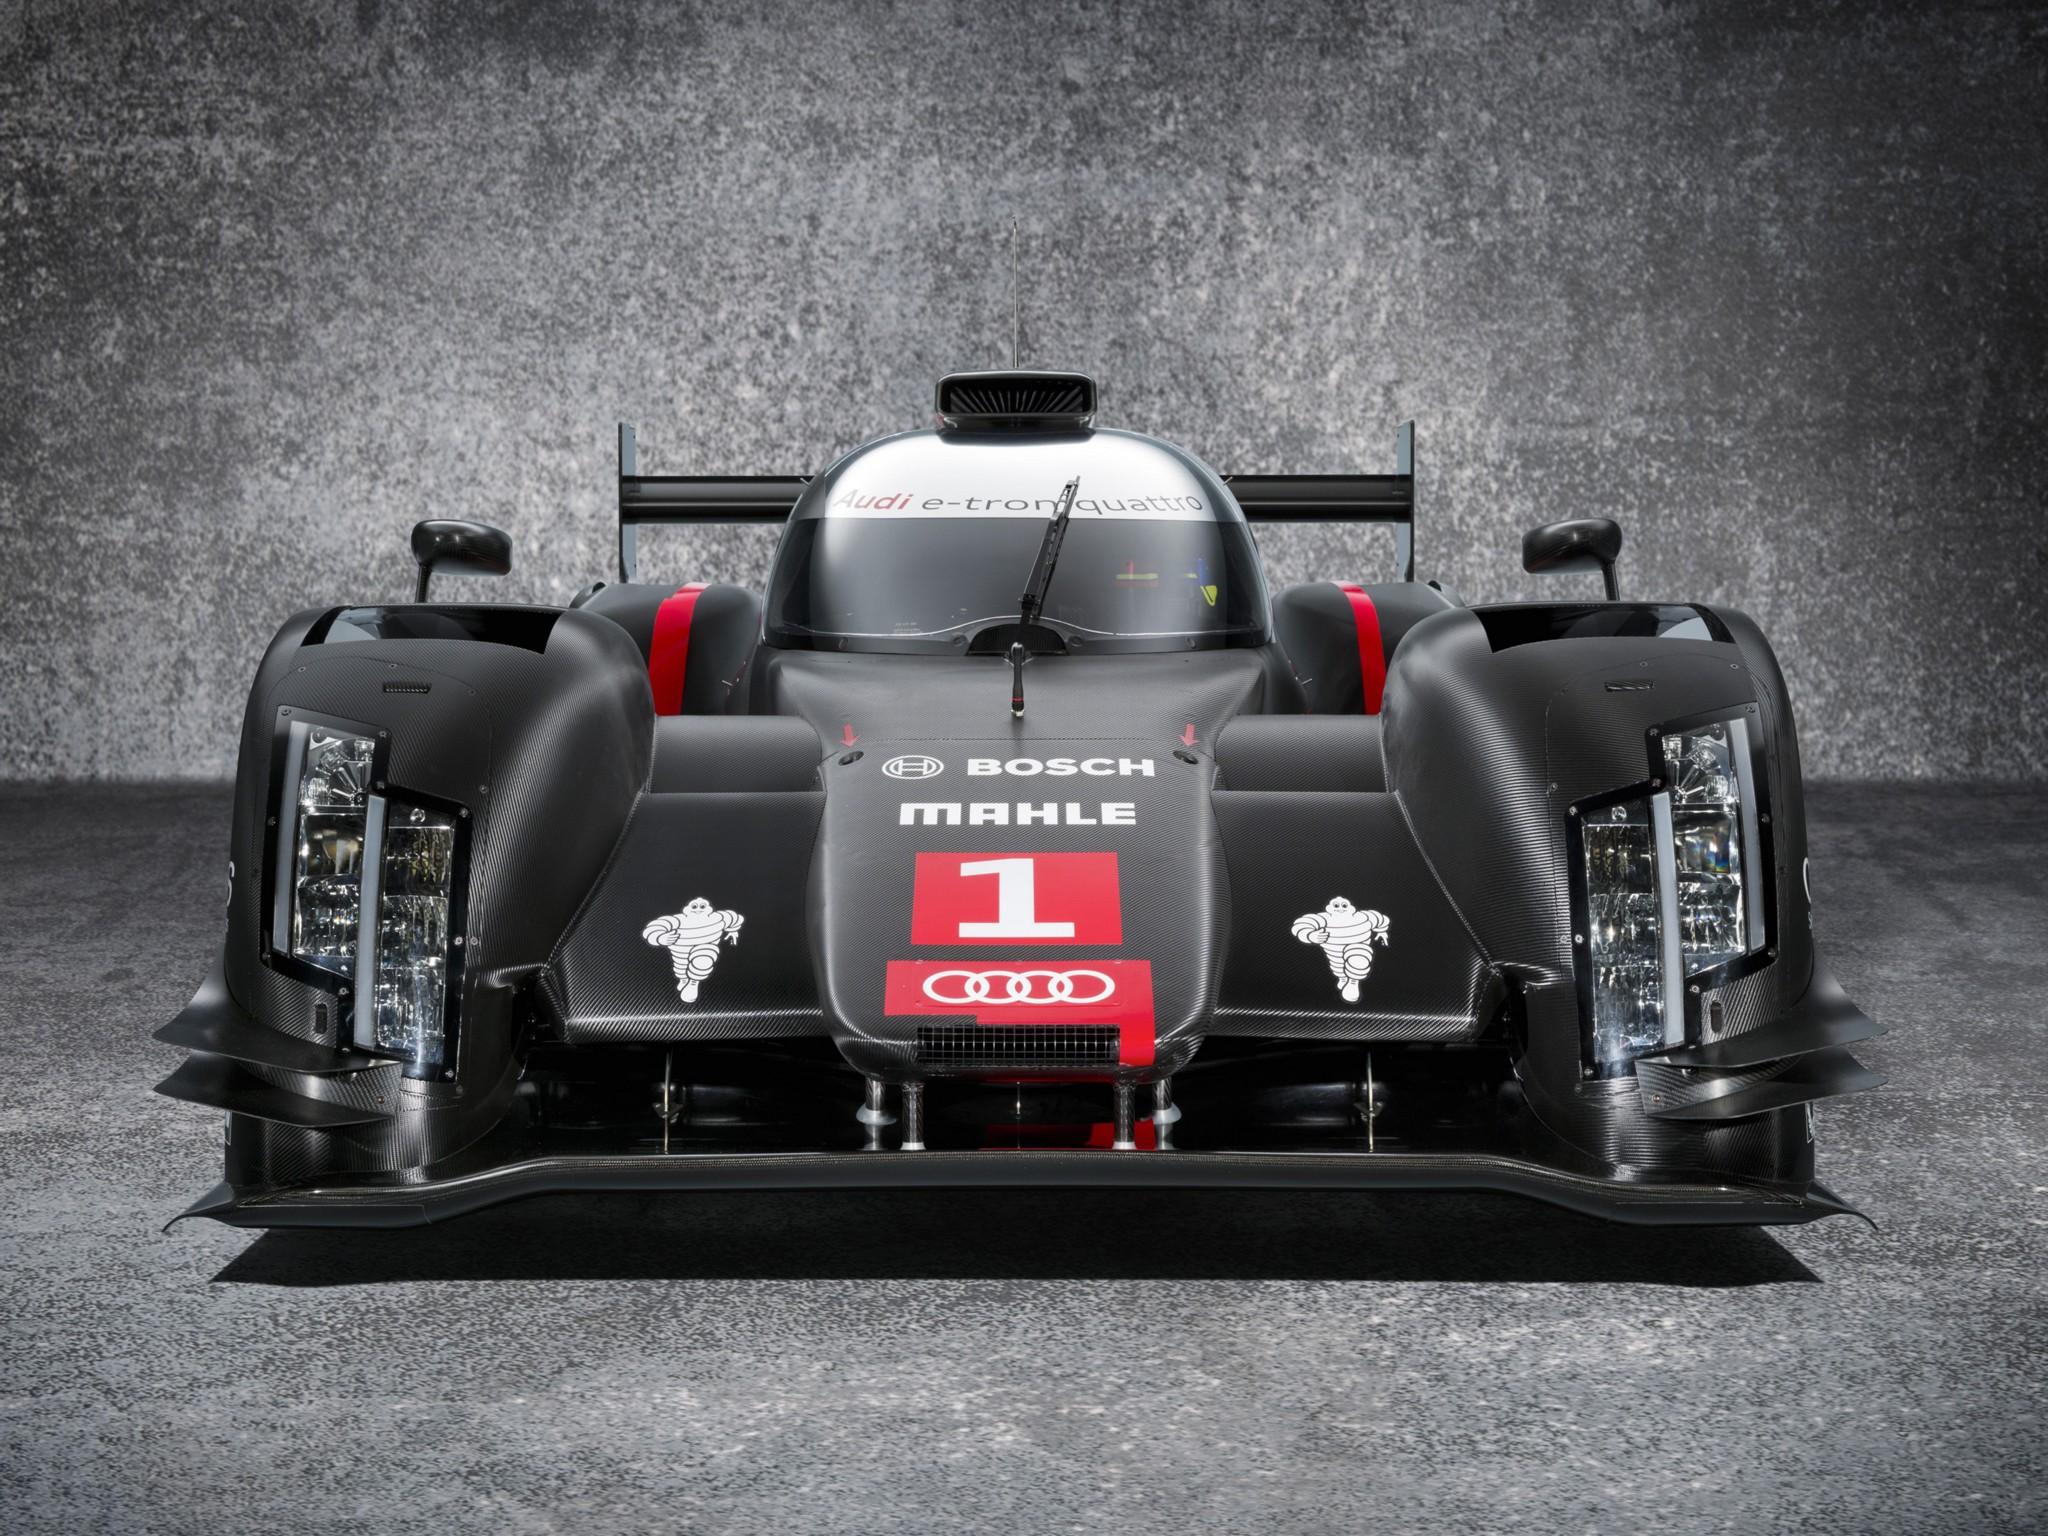 2014 Audi R18 e Tron quattro le mans prototype race racing f wallpaper 2048x1536